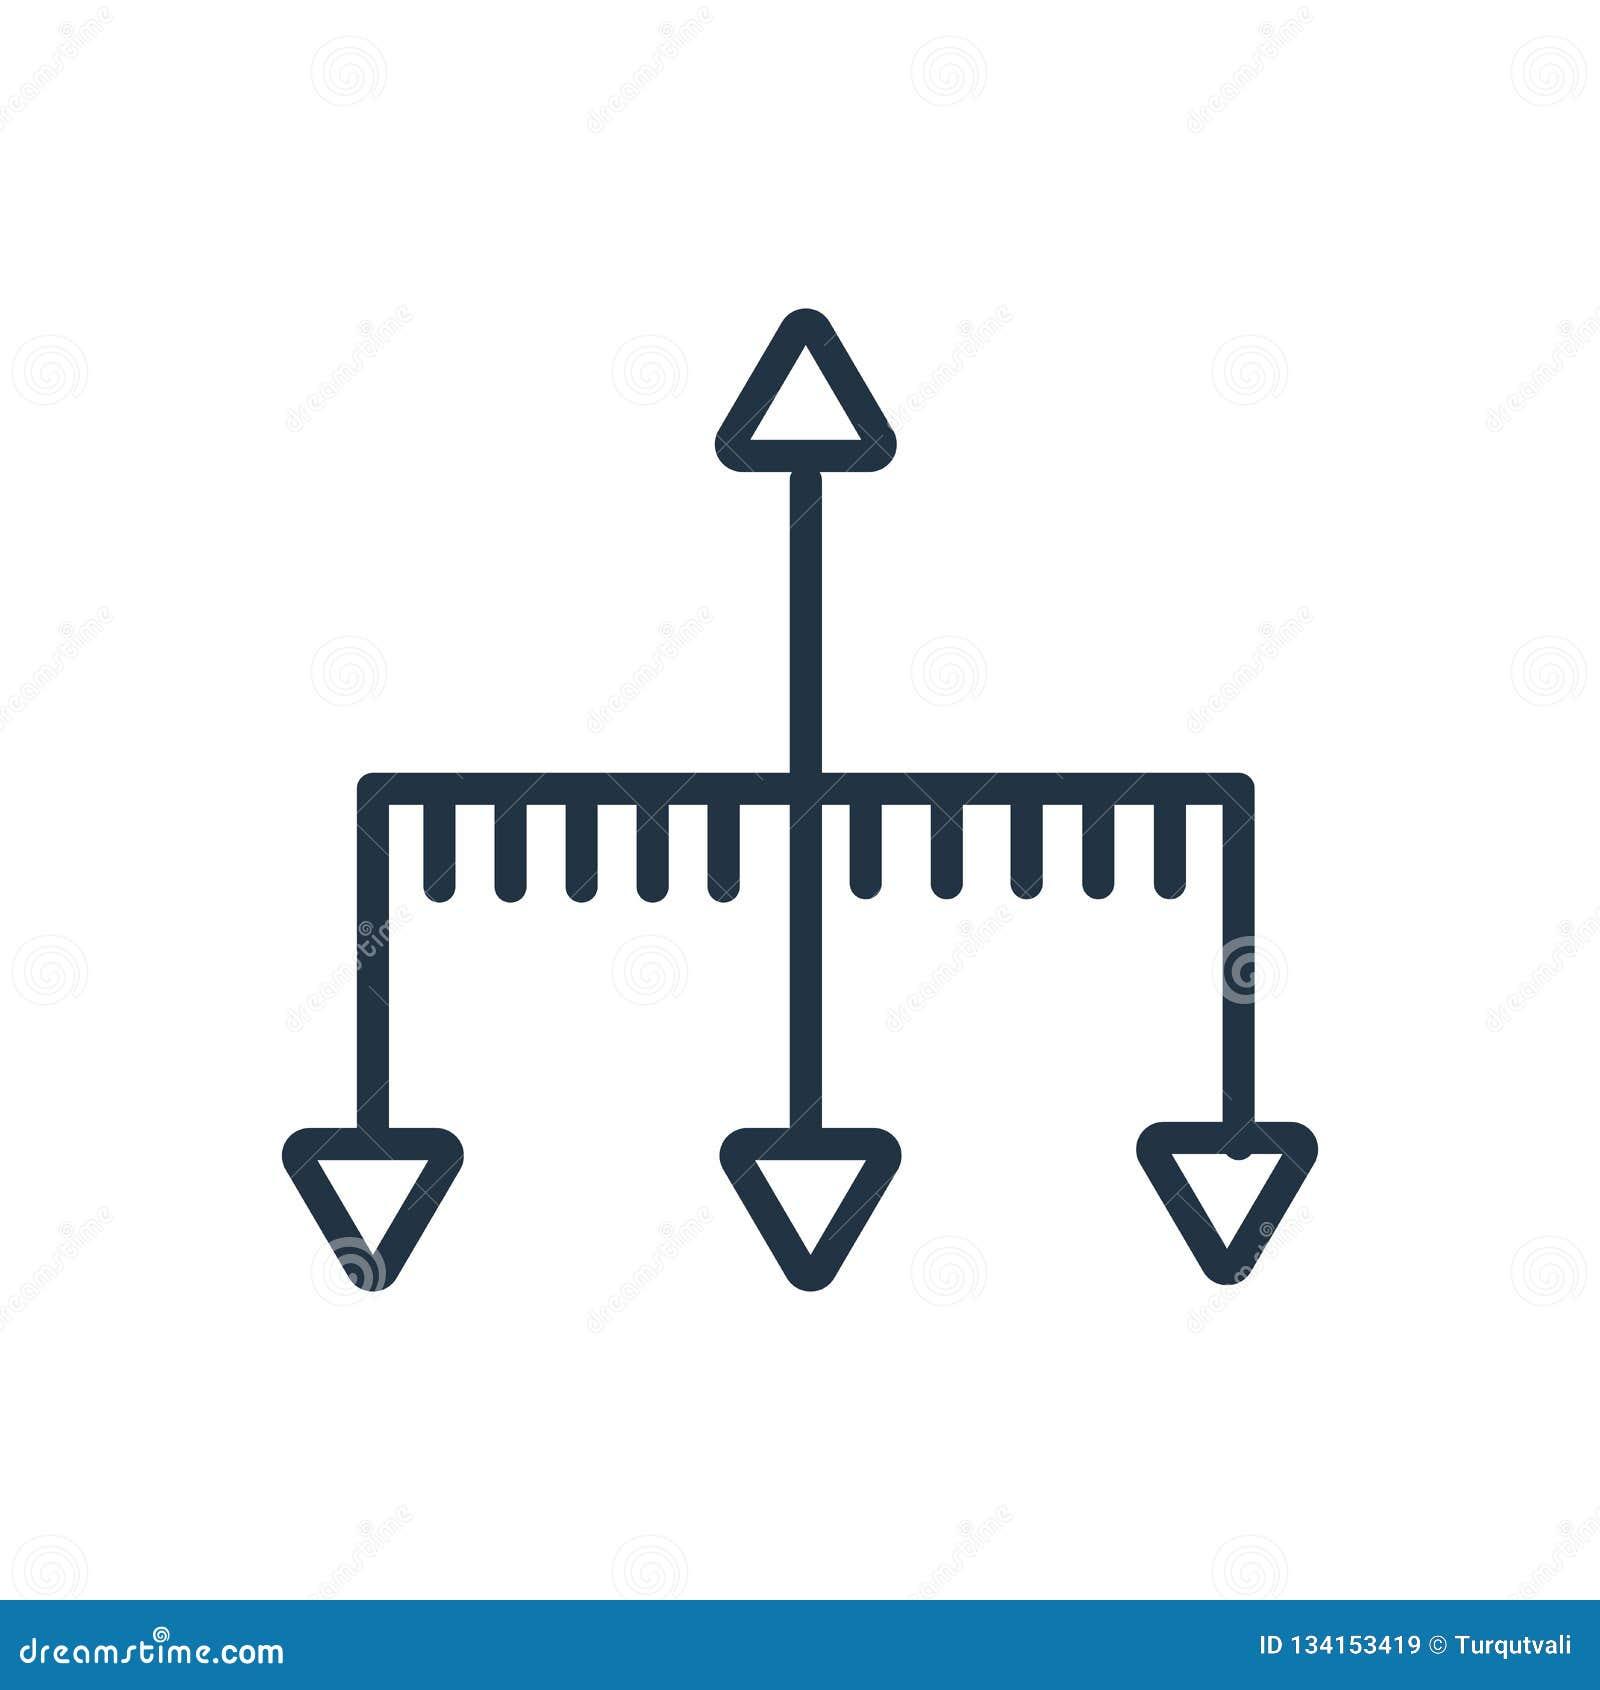 Ιεραρχικό διάνυσμα εικονιδίων δομών που απομονώνεται στο άσπρο υπόβαθρο, ιεραρχικό σημάδι δομών